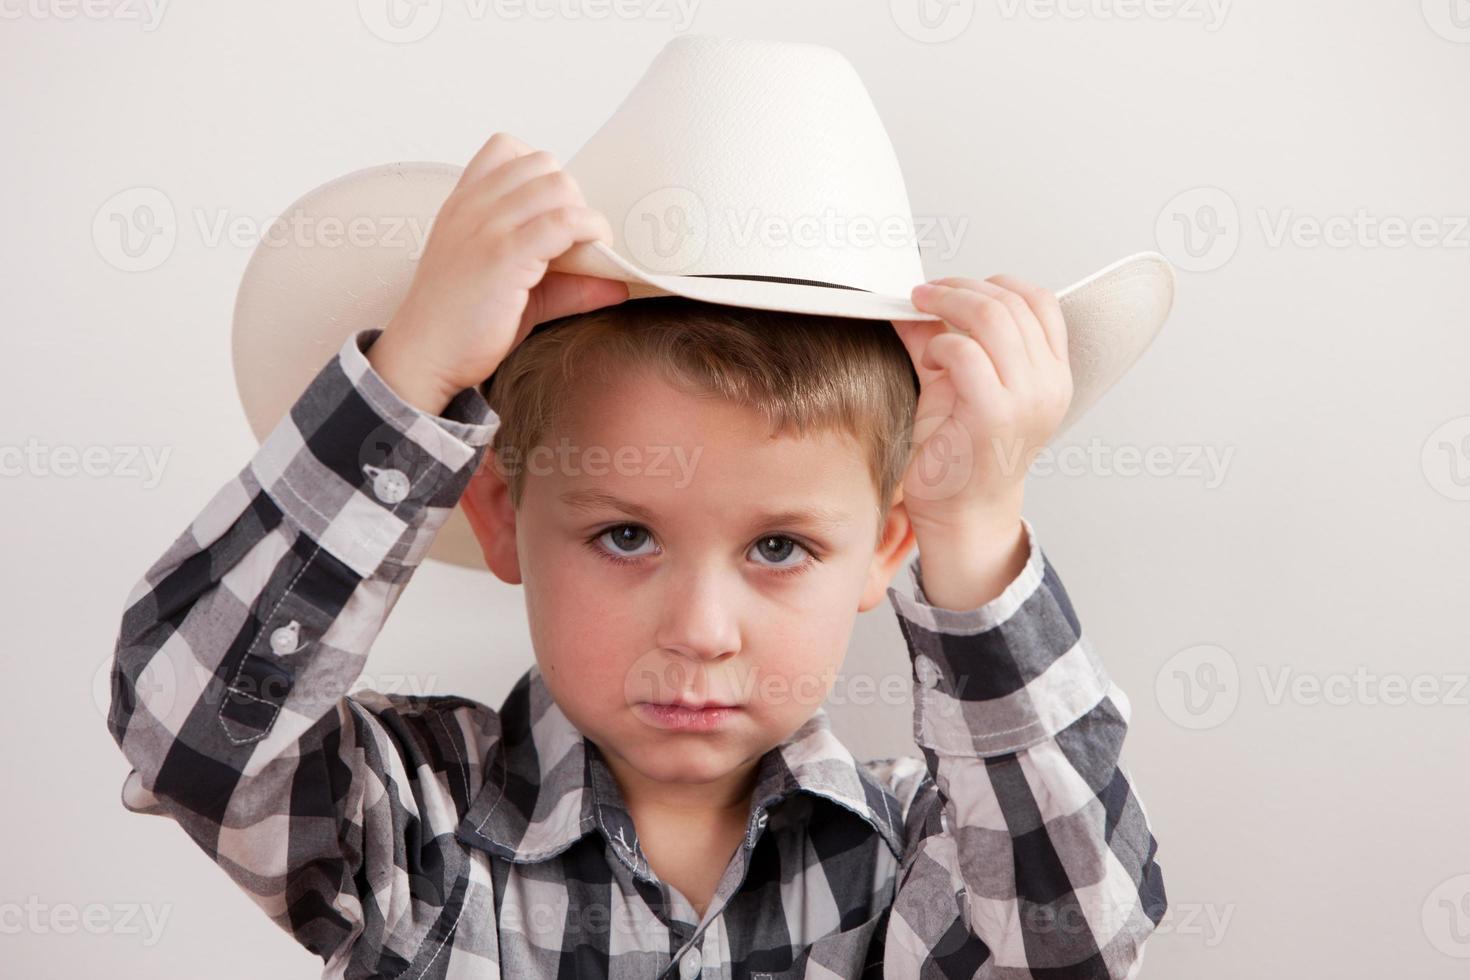 persone vere: cowboy serio bambino caucasico spalle spalle foto